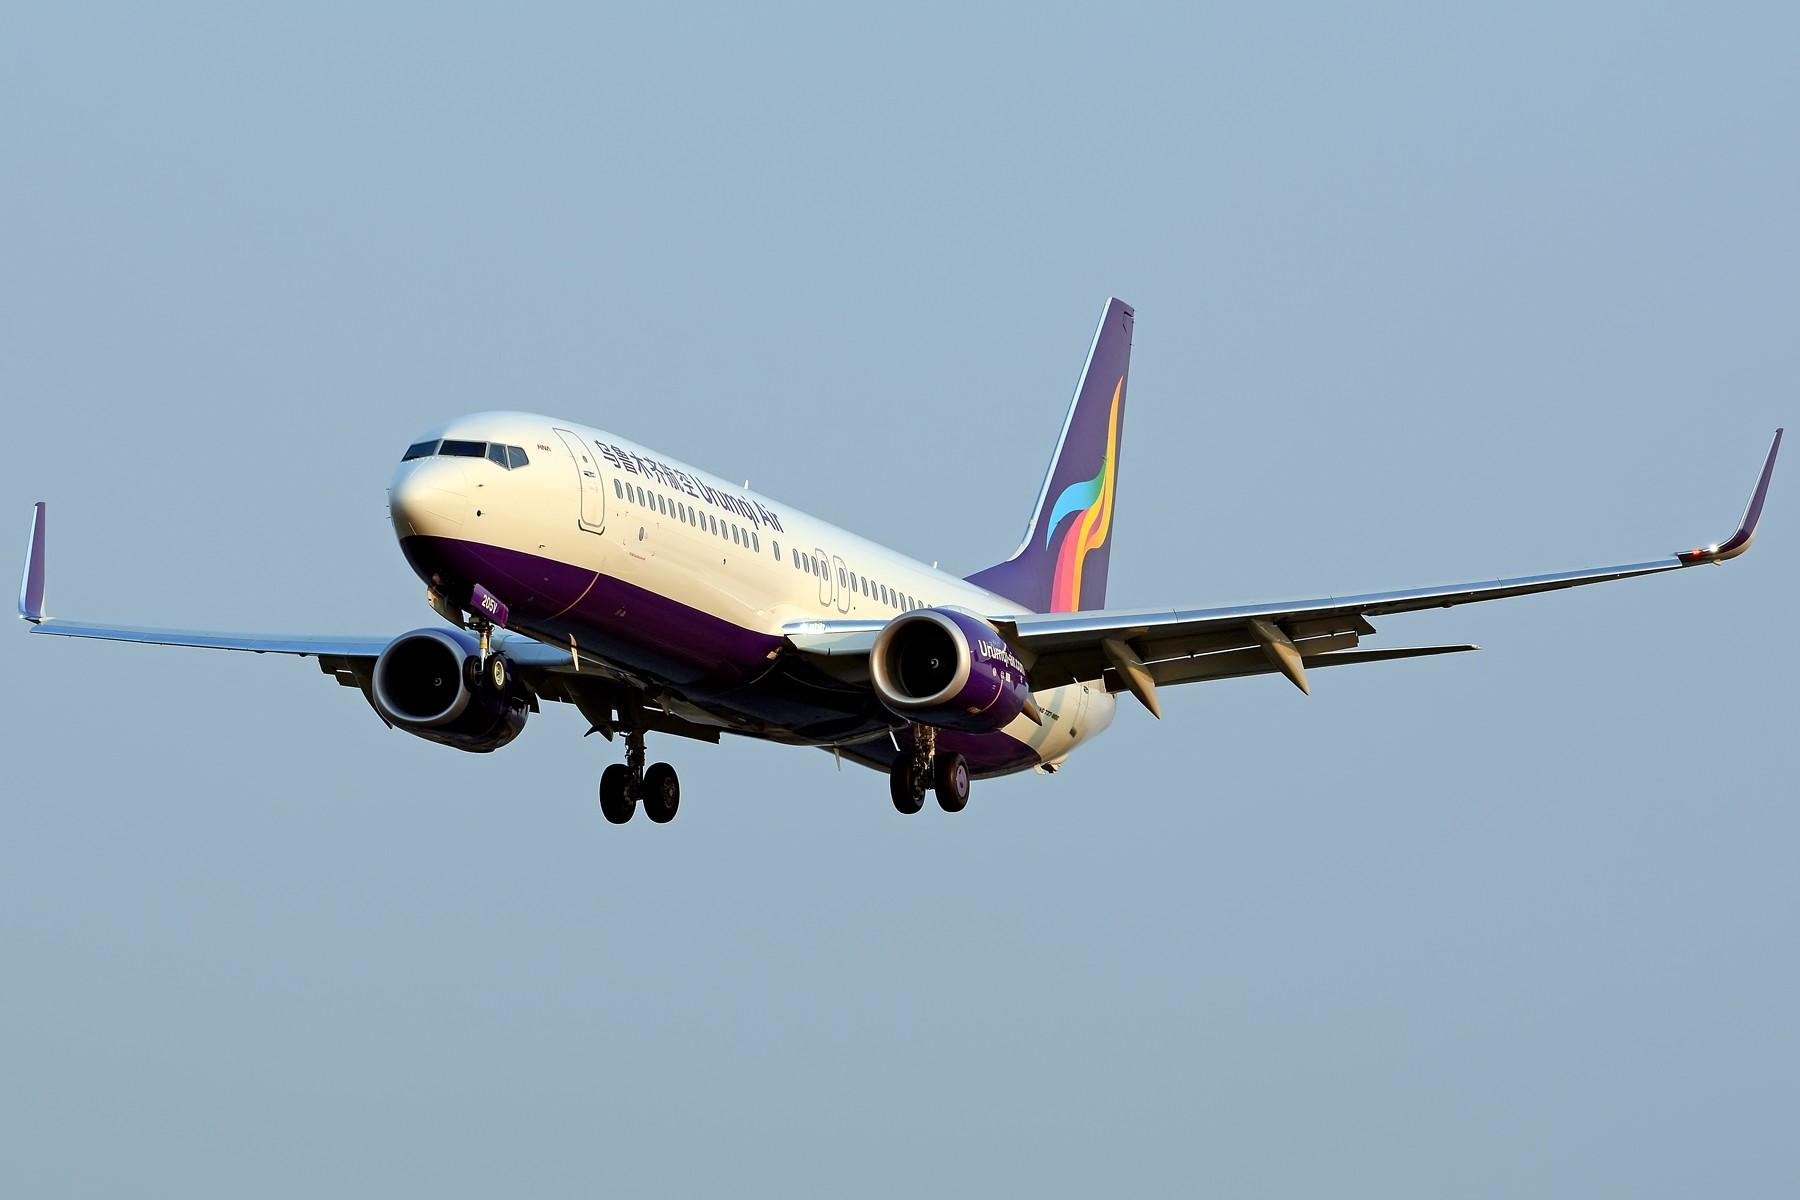 Re:[原创]【多图党】试镜200-500大头比较多 BOEING 737-800 B-205V 中国合肥新桥国际机场